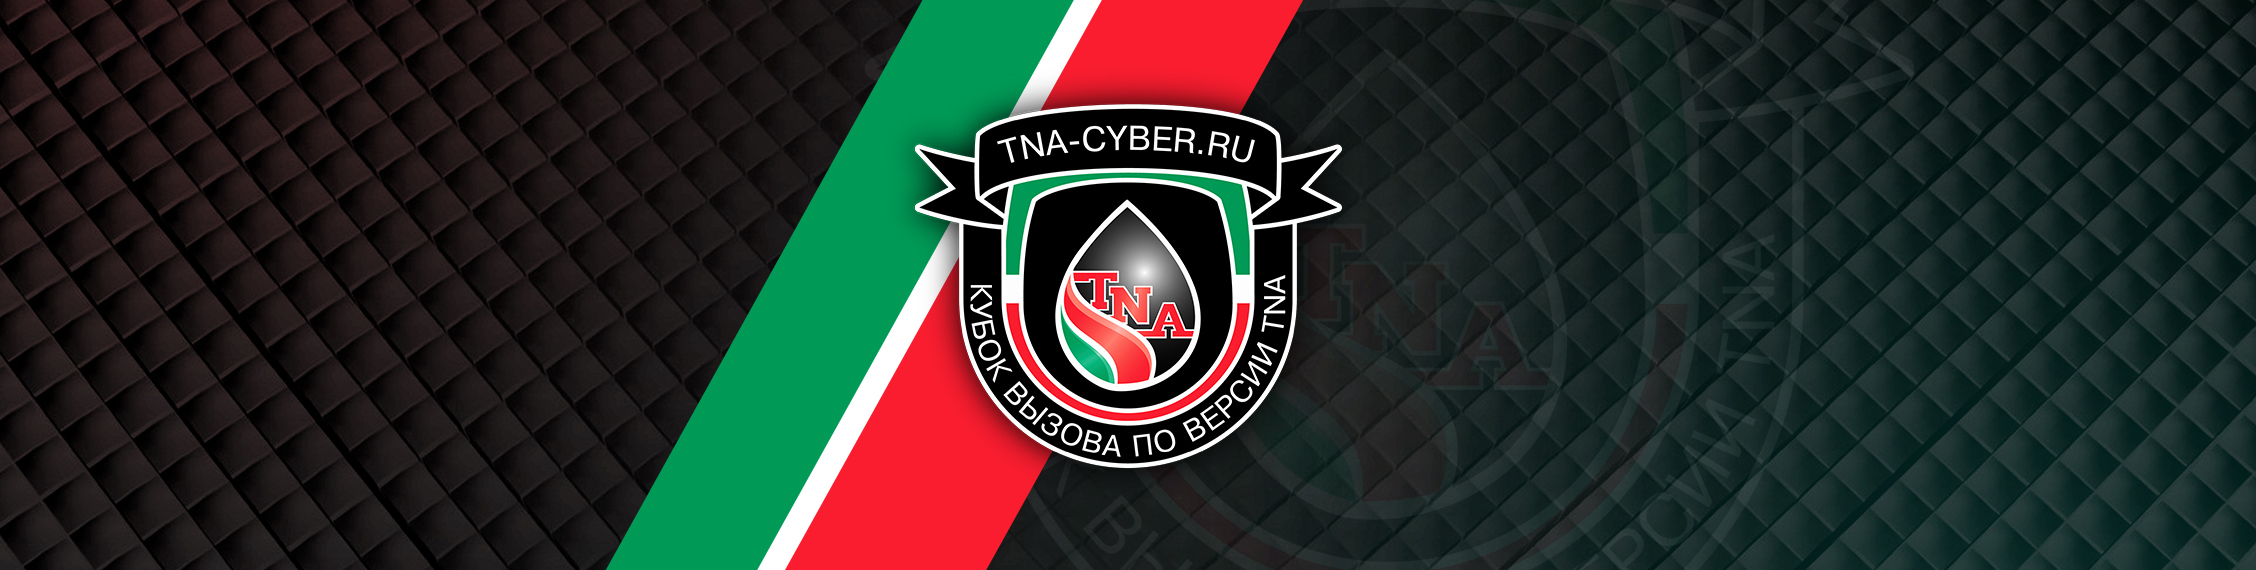 TNA Challenge Cup